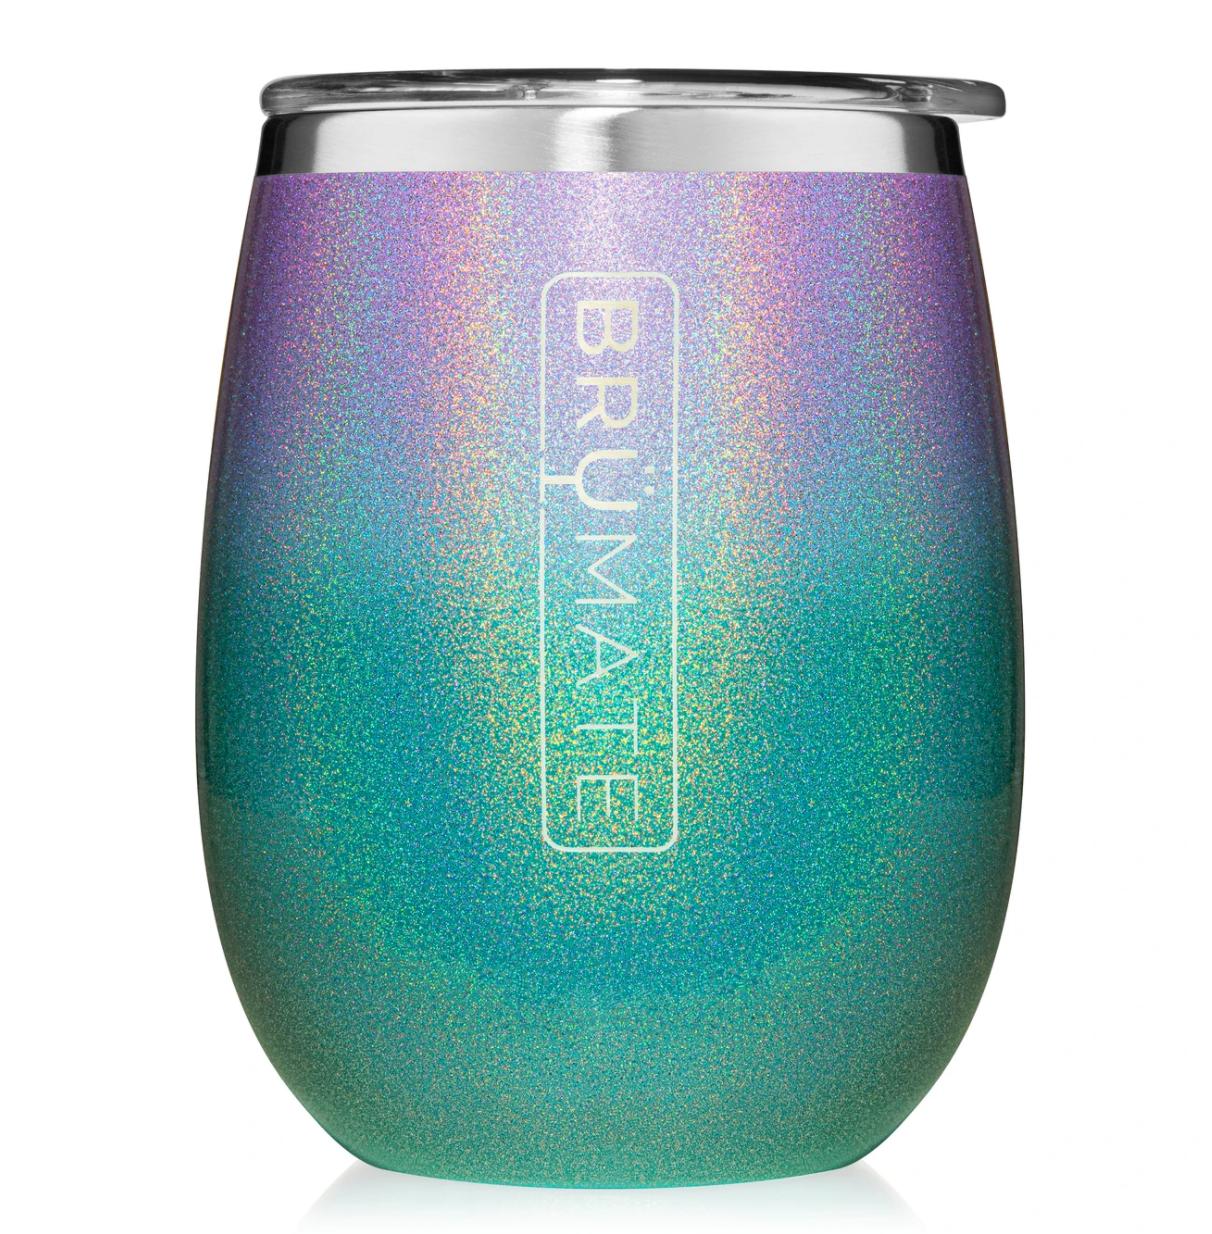 Uncork'd XL 14oz Wine Tumbler | Glitter Mermaid